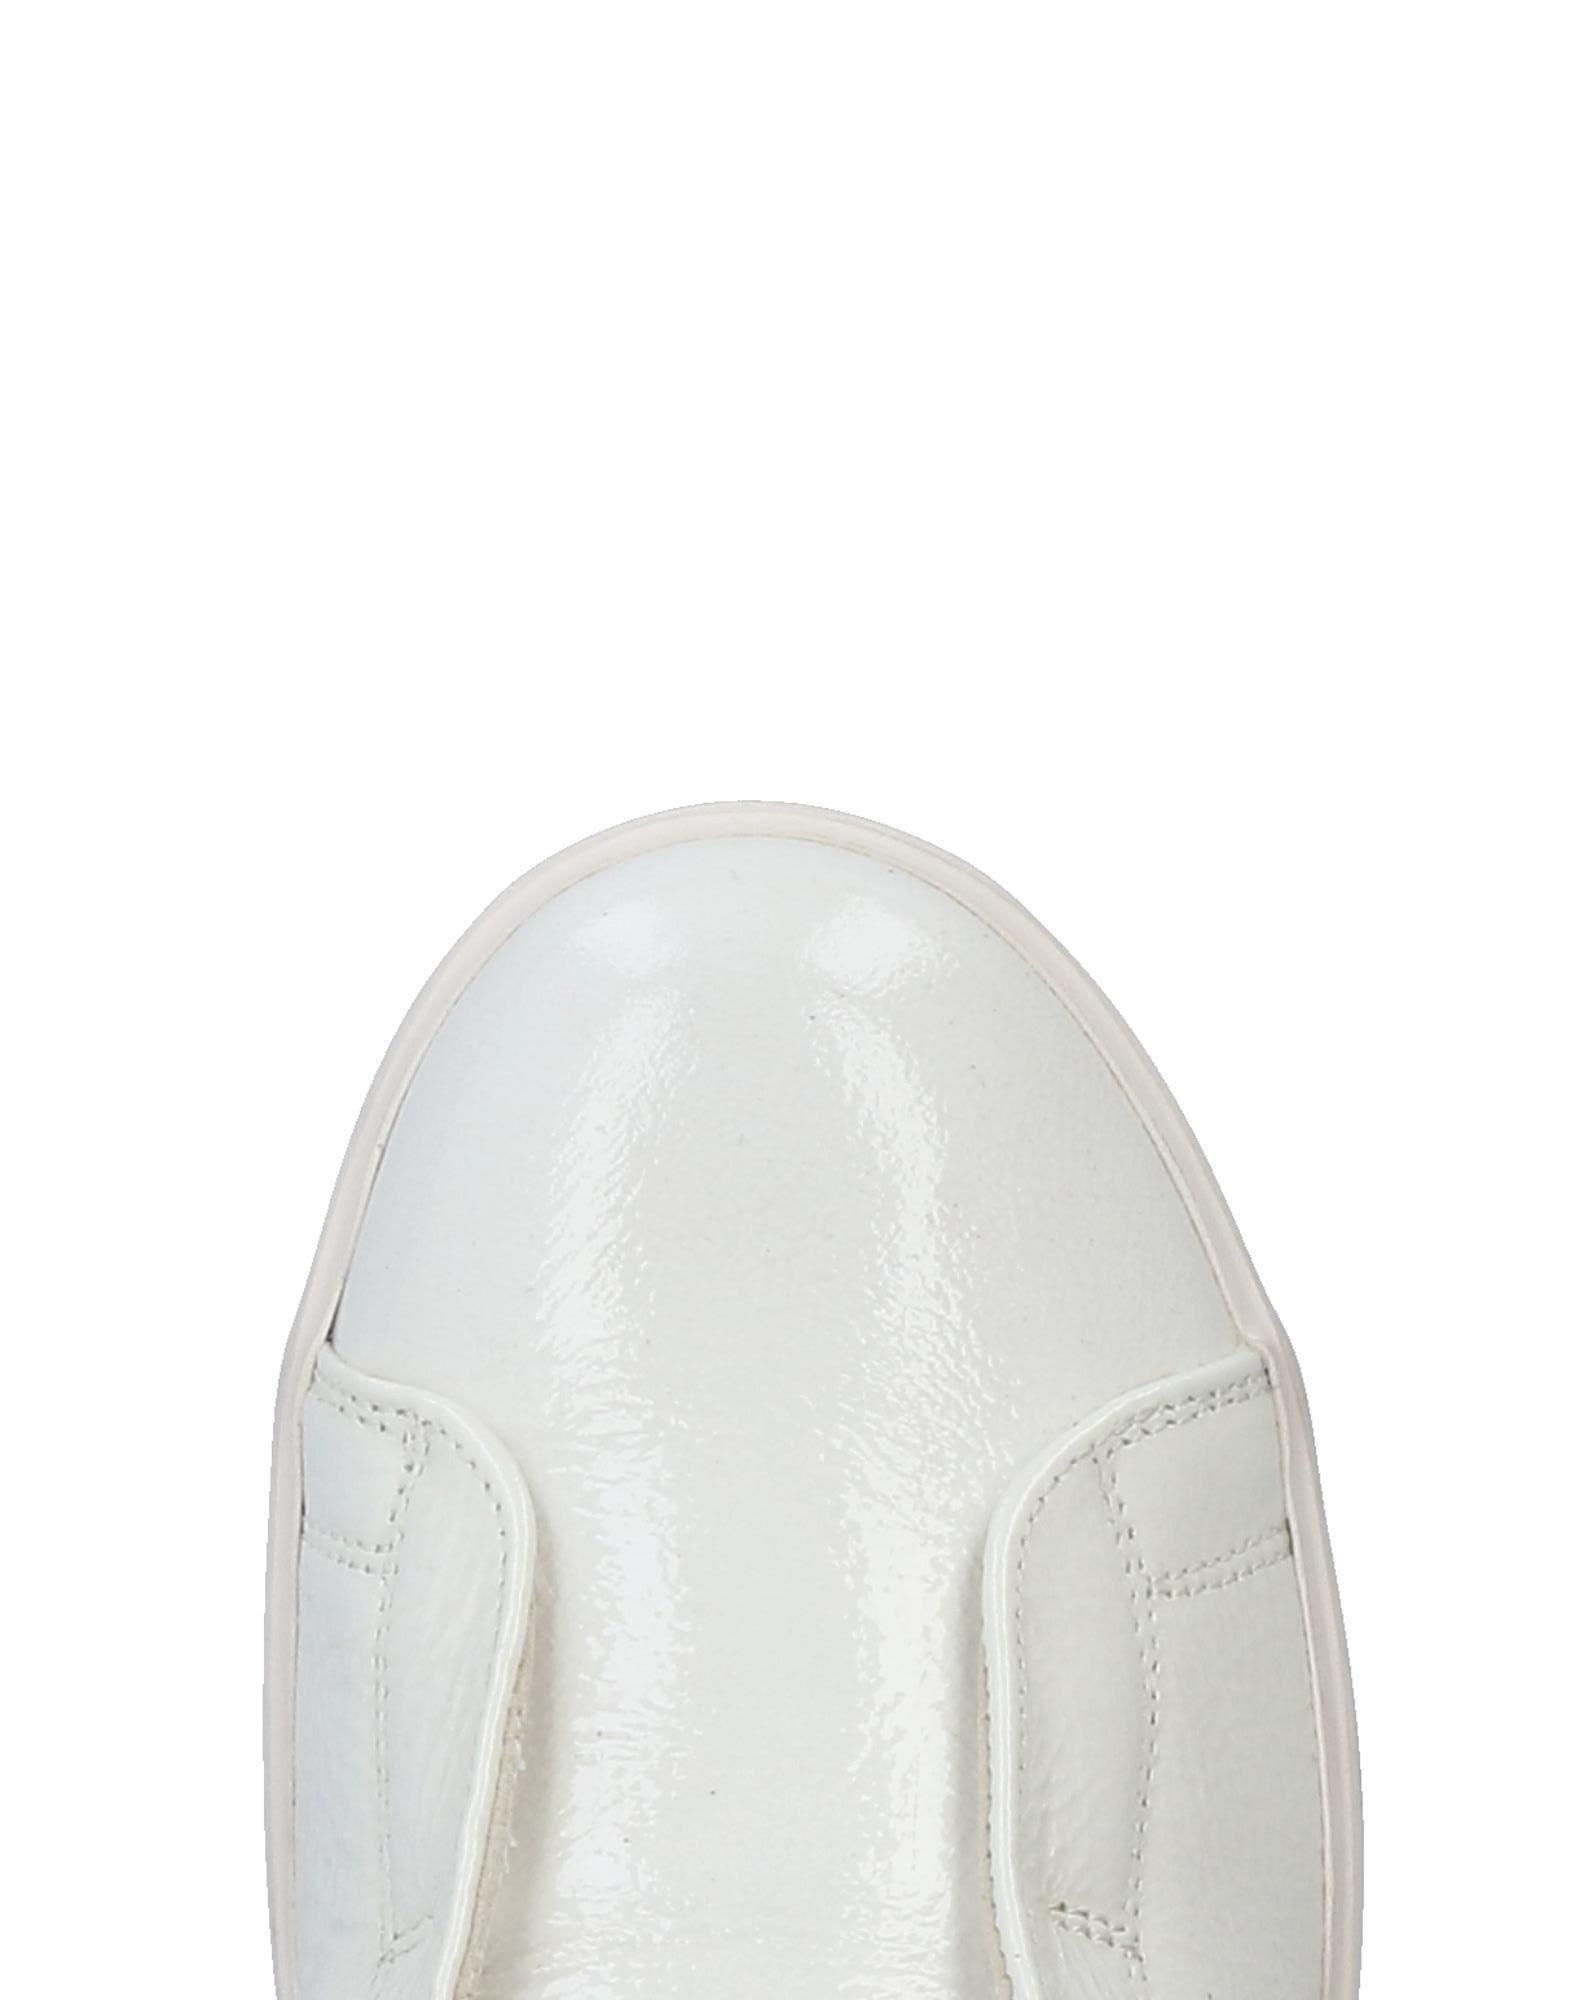 Leather Crown Sneakers Sneakers Sneakers - Women Leather Crown Sneakers online on  United Kingdom - 11436948TV 085d13